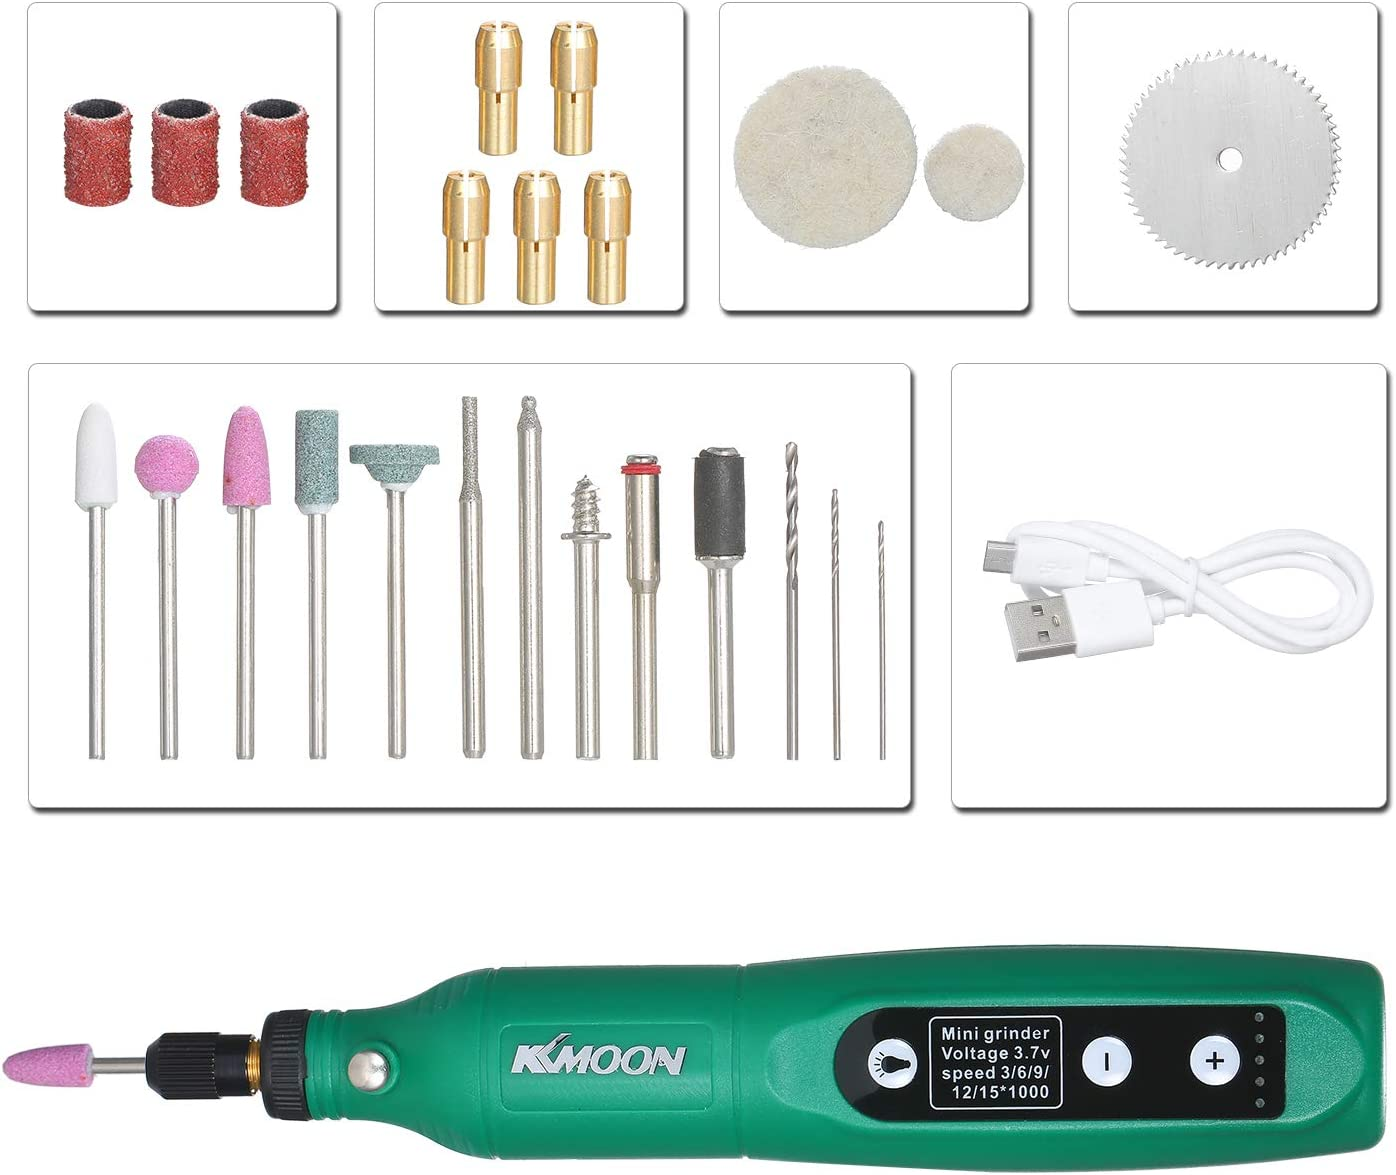 Mini Amoladora El/éctrica,M/áquina de Rectificado de Carga USB,Amoladora El/éctrica Ajuste de 5 Velocidades,para Grabado de Jade,Punzonado de Madera,Pulido de Metal